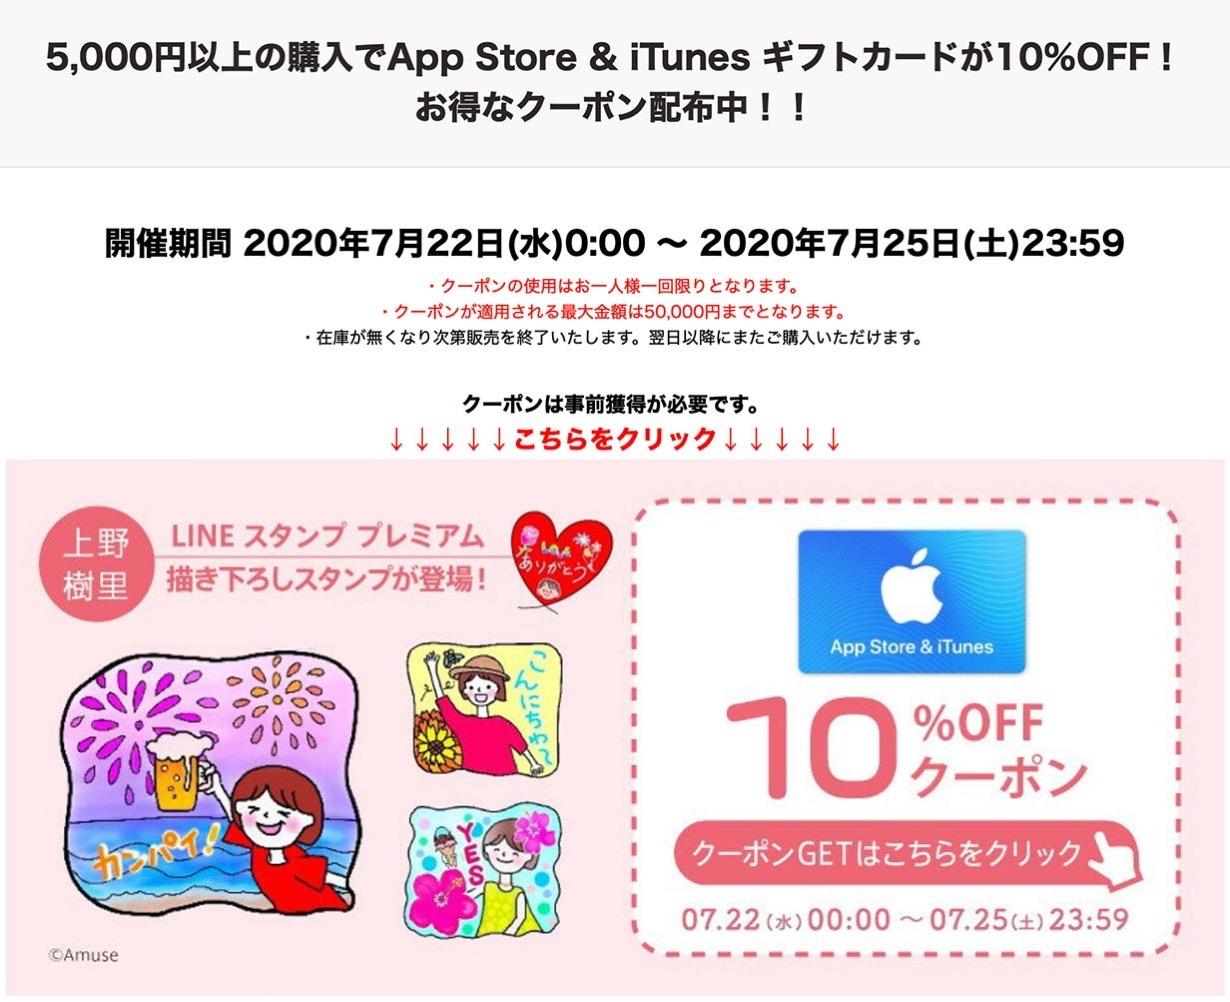 楽天市場、「App Store & iTunes ギフトカード」が10%オフになるキャンペーン実施中(7/25まで)